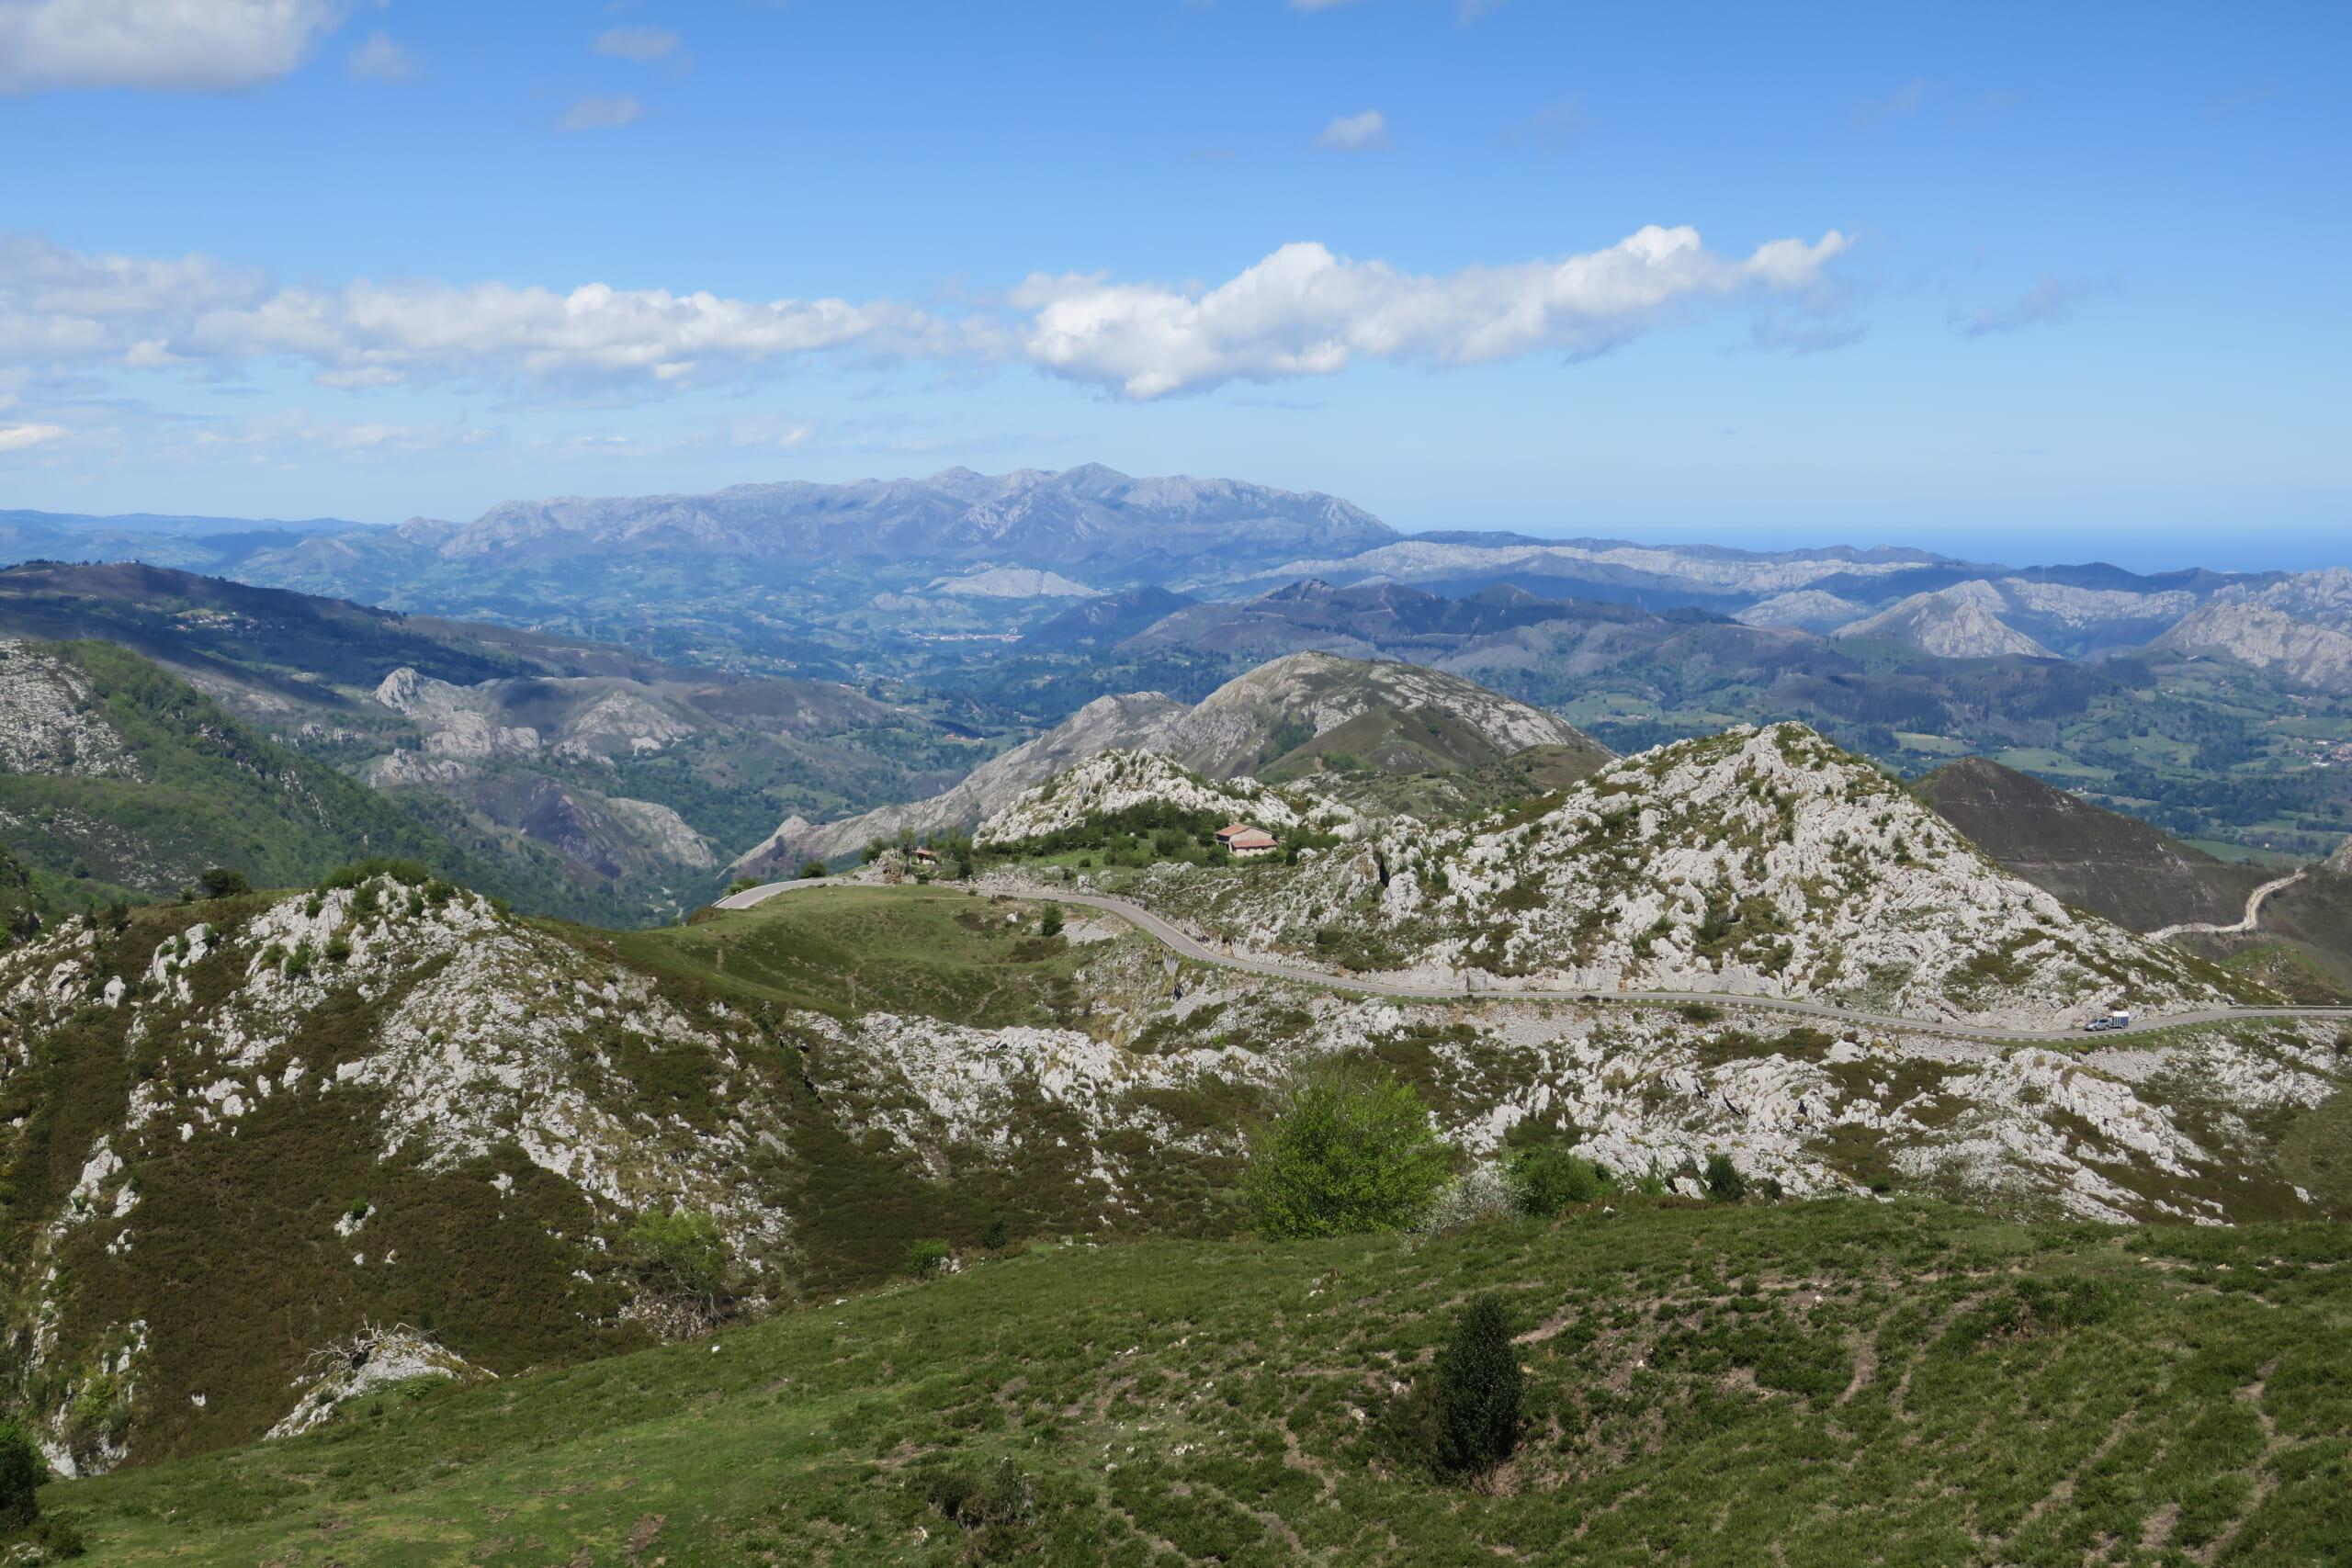 北スペインの観光スポットであるアストゥリアスのピコス・デ・エウロパ国立公園